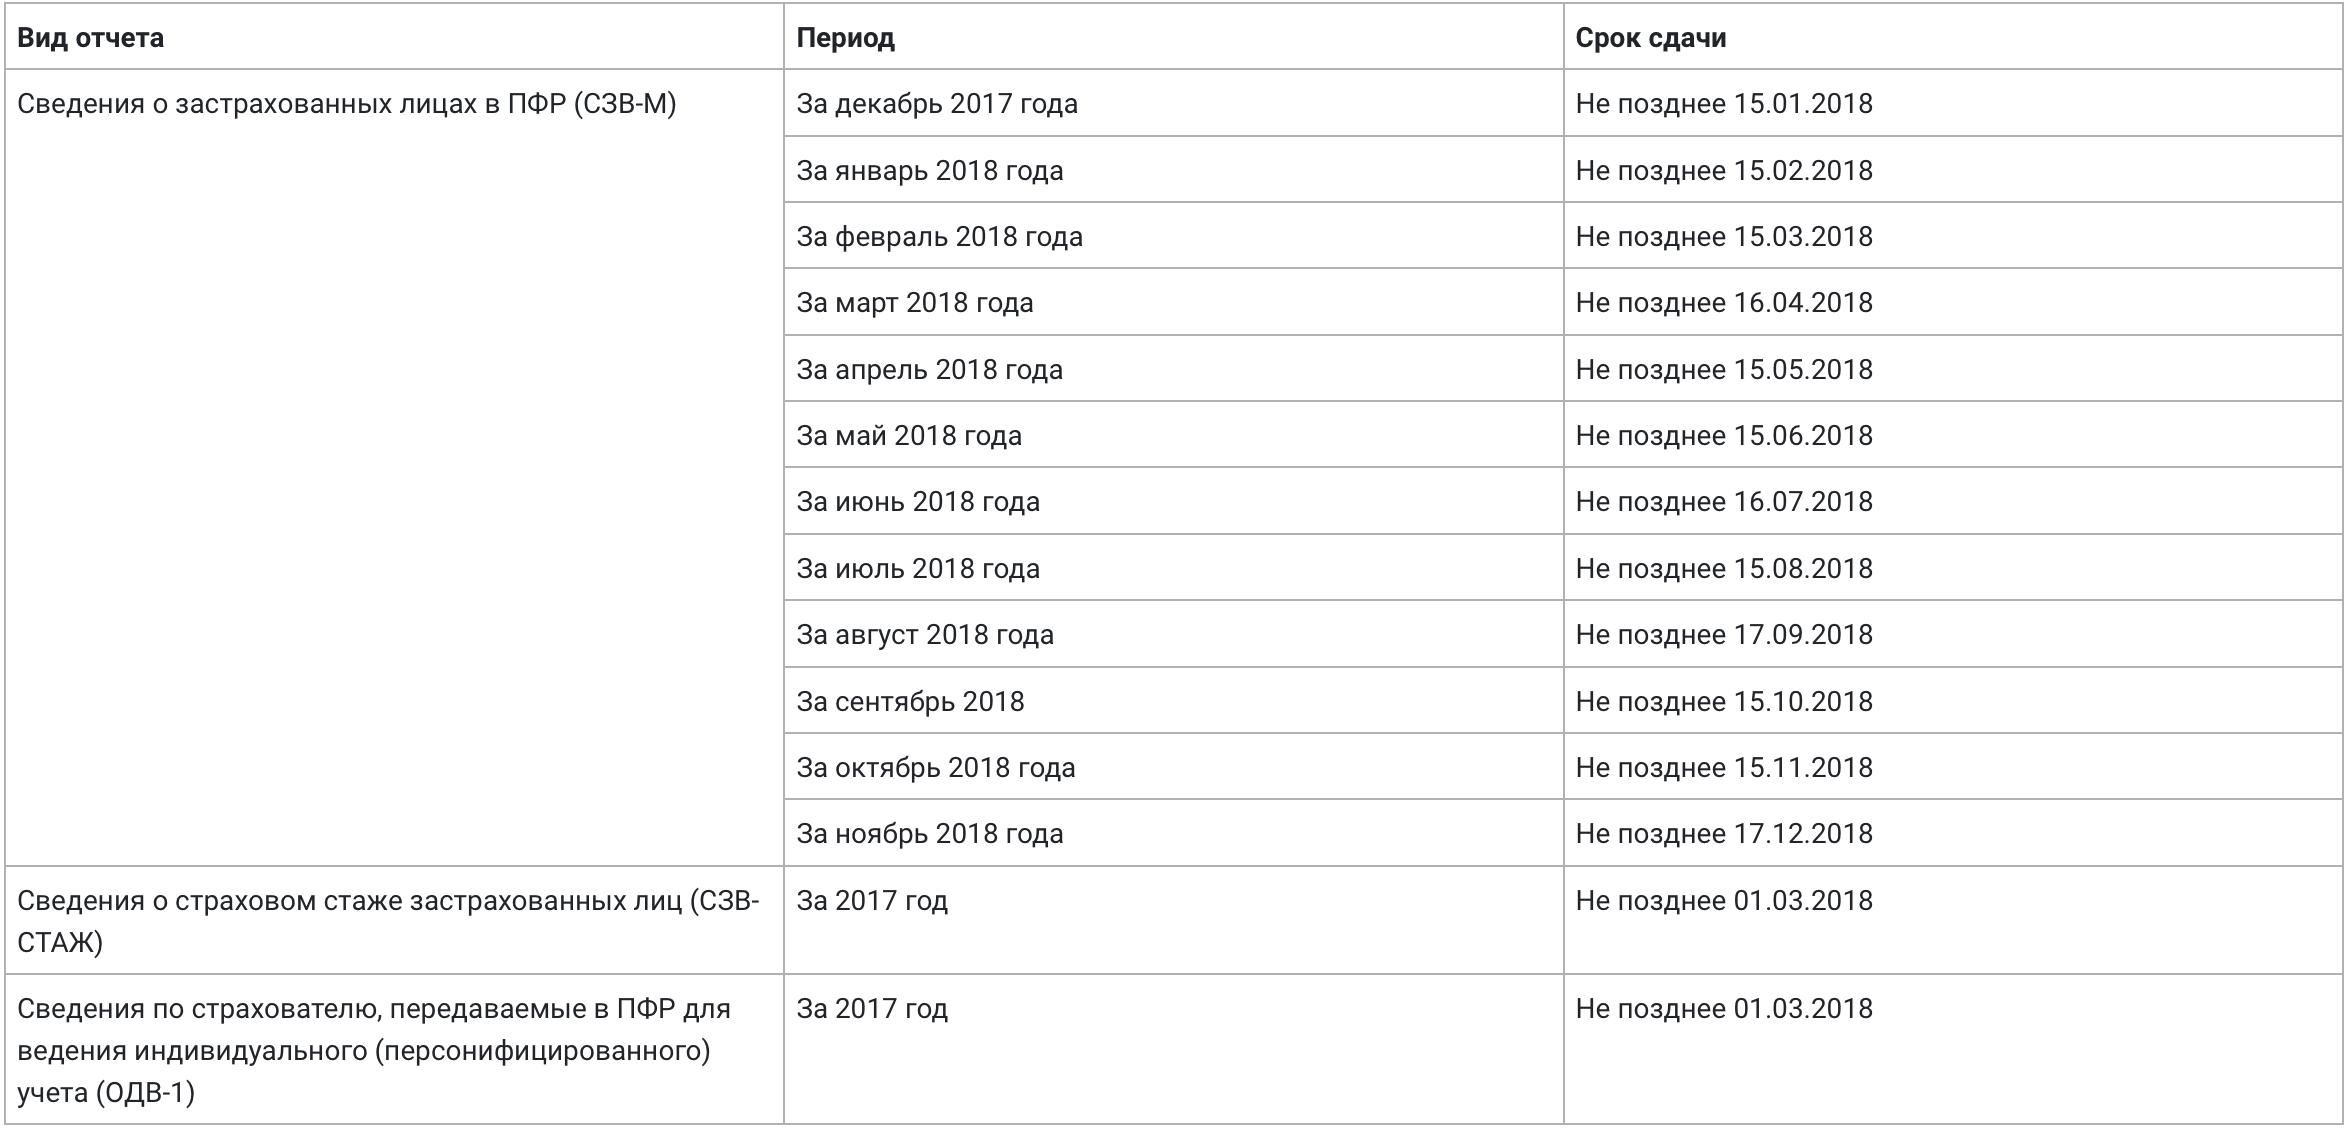 Сроки сдачи отчетности в Пенсионный фонд (ПФР) в 2018 году - таблица